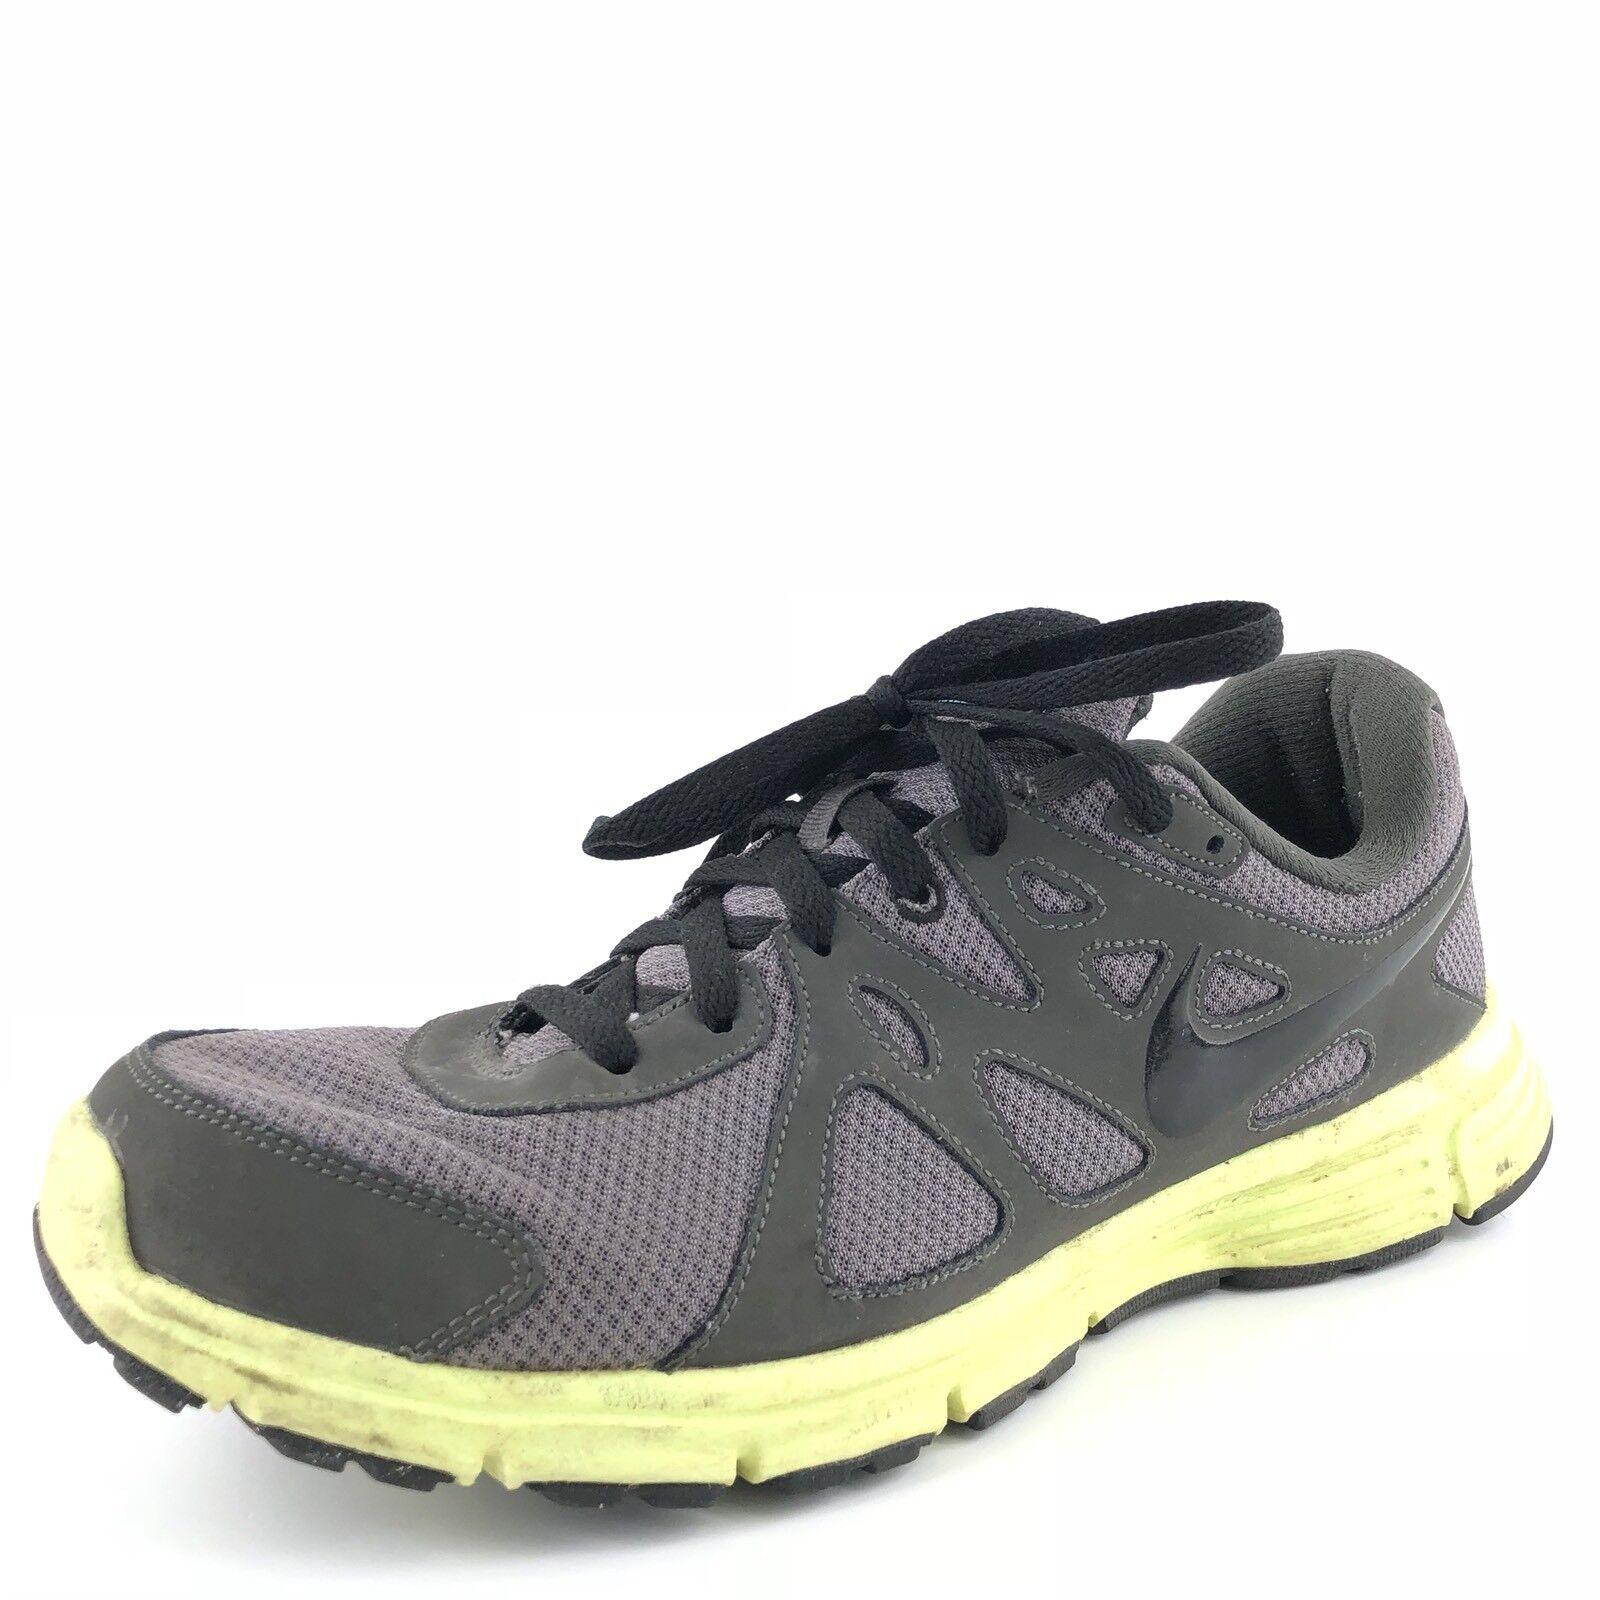 Nike revolution 2 gy neon athletic laufschuhe männer größe 11,5 m